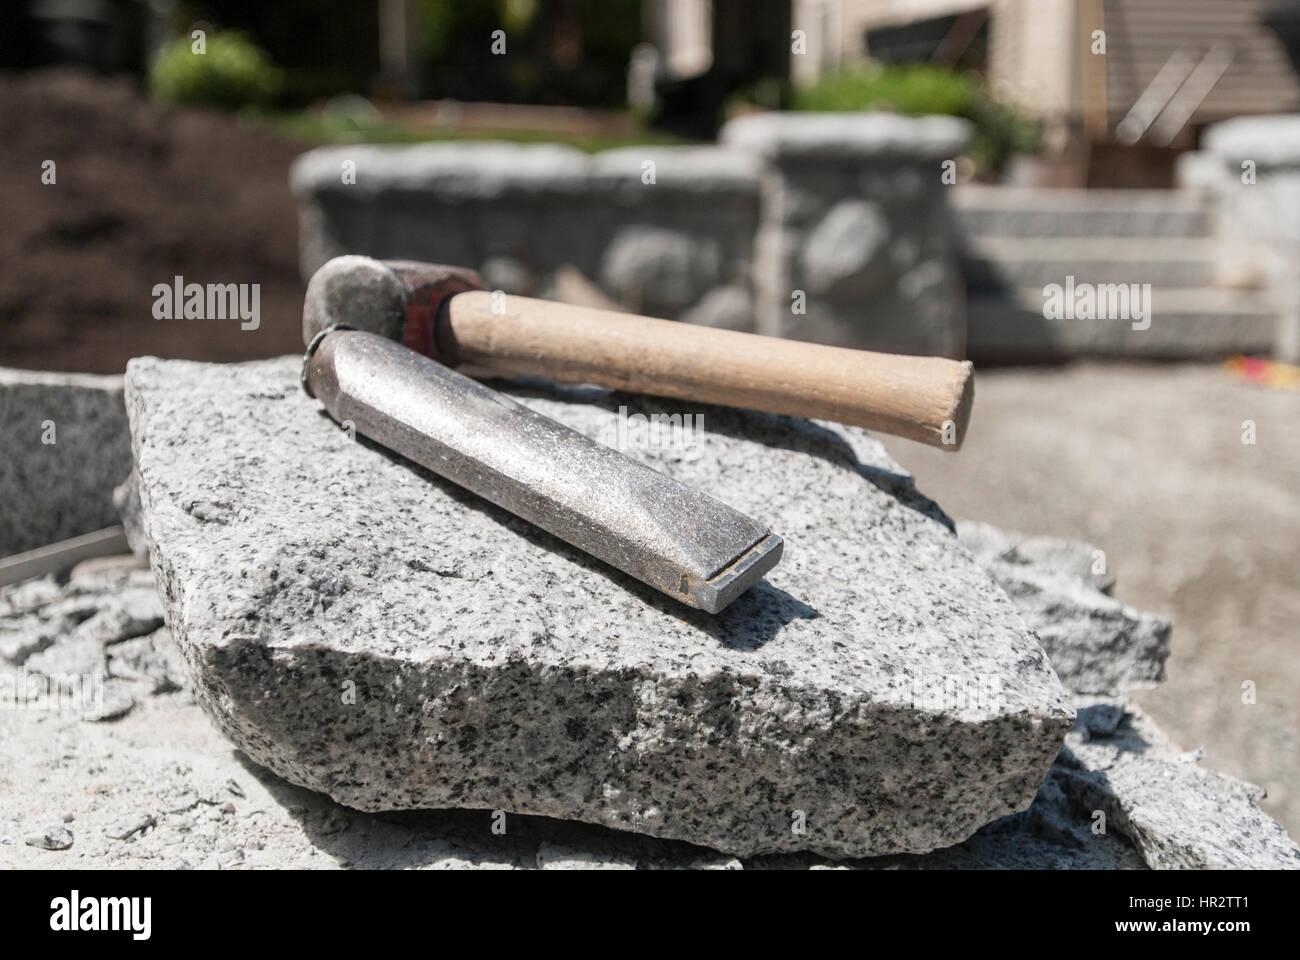 hartmetall mei el und hammer werkzeuge nutzt ein steinmetz stockfoto bild 134673057 alamy. Black Bedroom Furniture Sets. Home Design Ideas